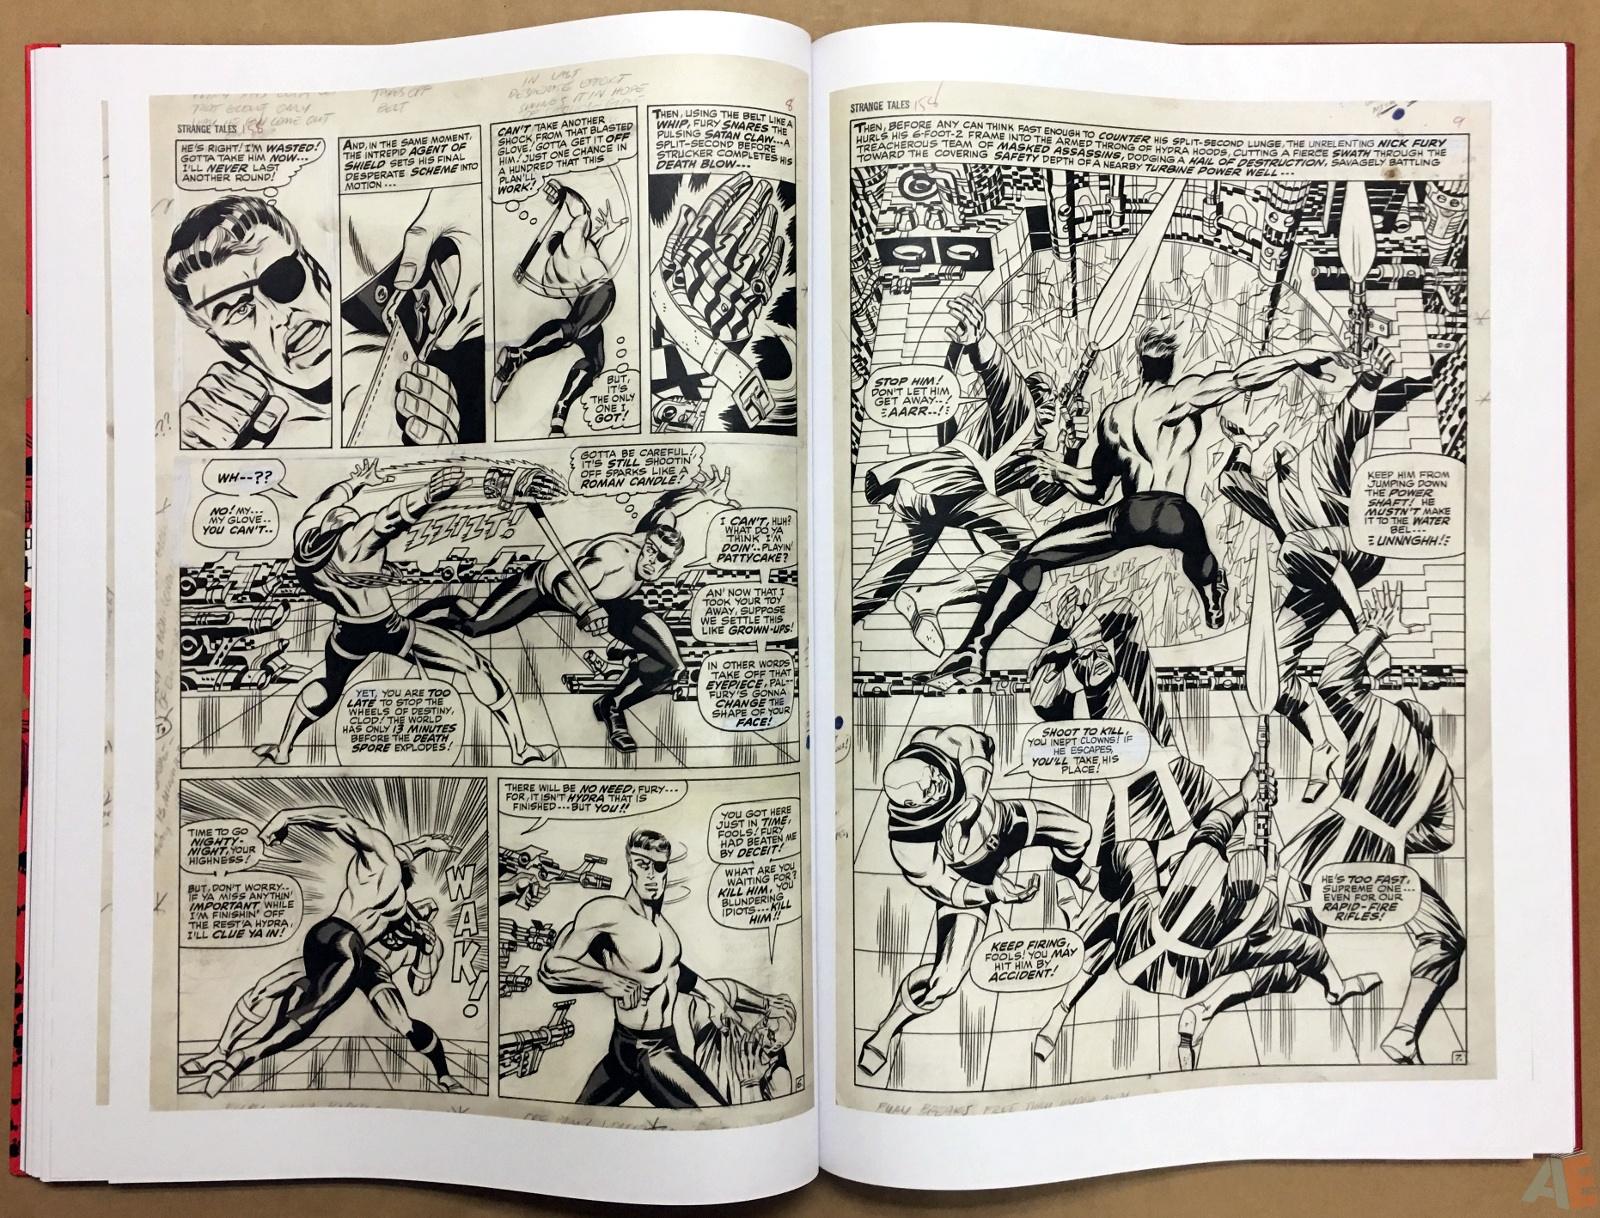 Steranko Nick Fury Agent of S.H.I.E.L.D. Artist's Edition 40